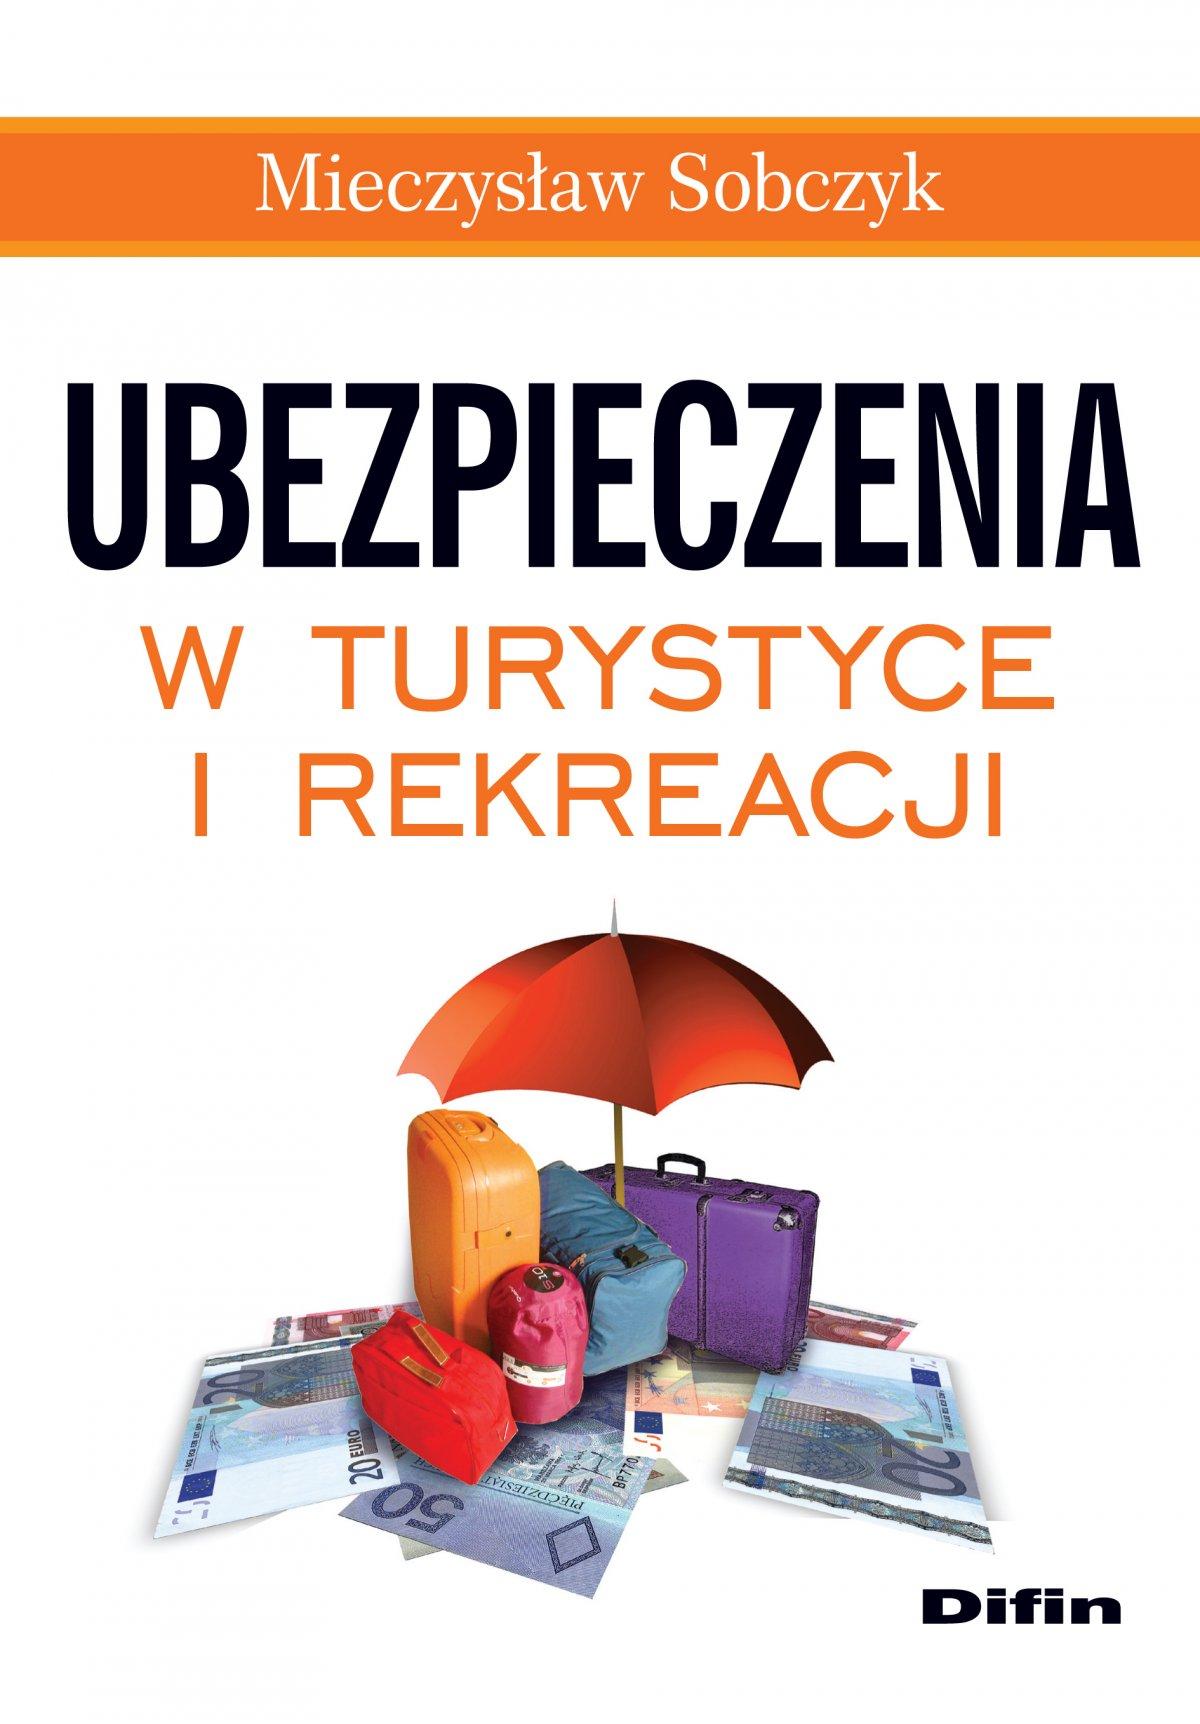 Ubezpieczenia w turystyce i rekreacji - Ebook (Książka EPUB) do pobrania w formacie EPUB